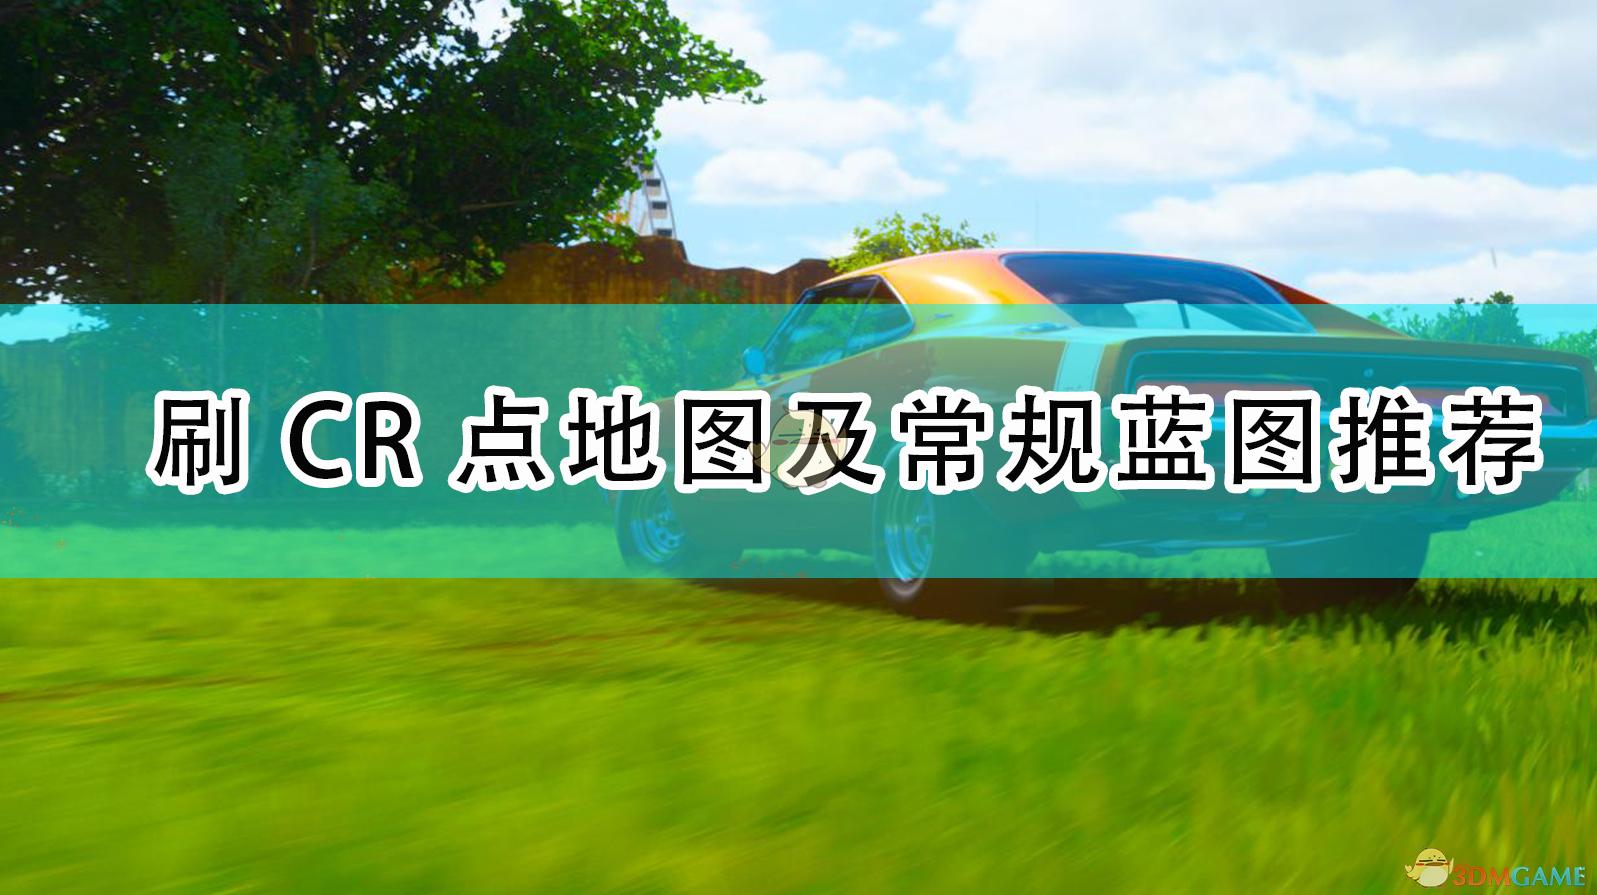 《极限竞速:地平线4》刷CR点地图及常规蓝图推荐